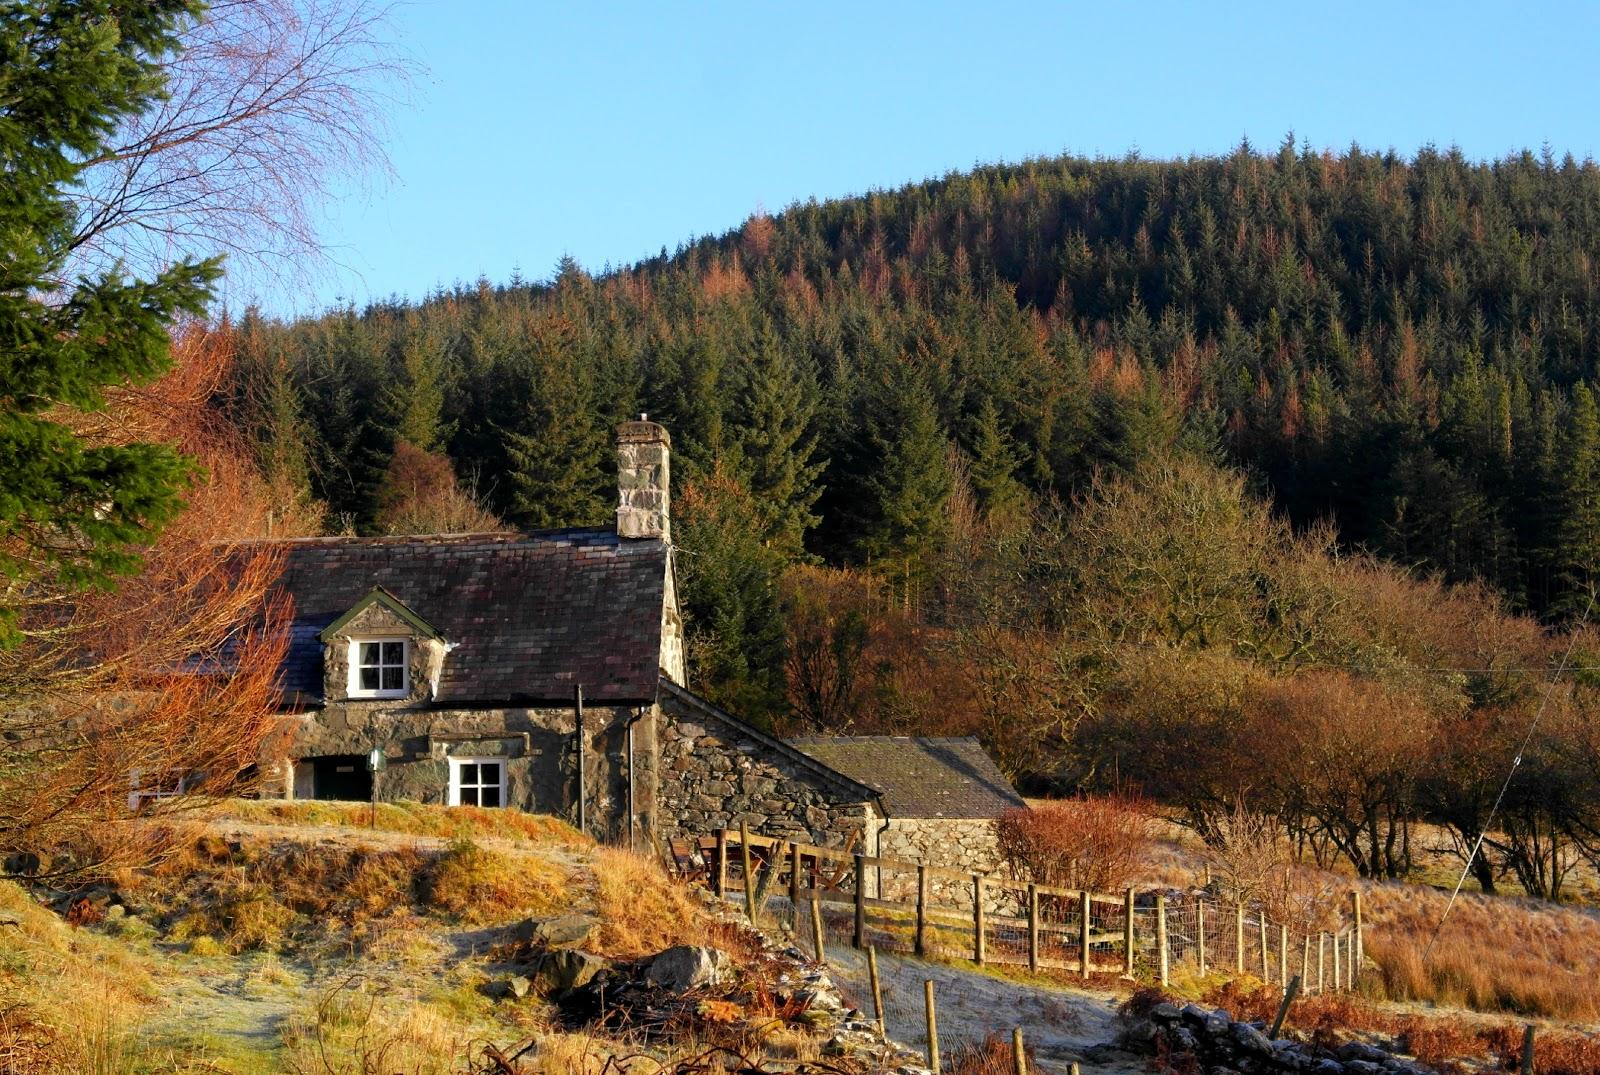 Tyn Y Simmde Dolgellau Snowdonia Coed Y Brenin Forest Holiday Cottage